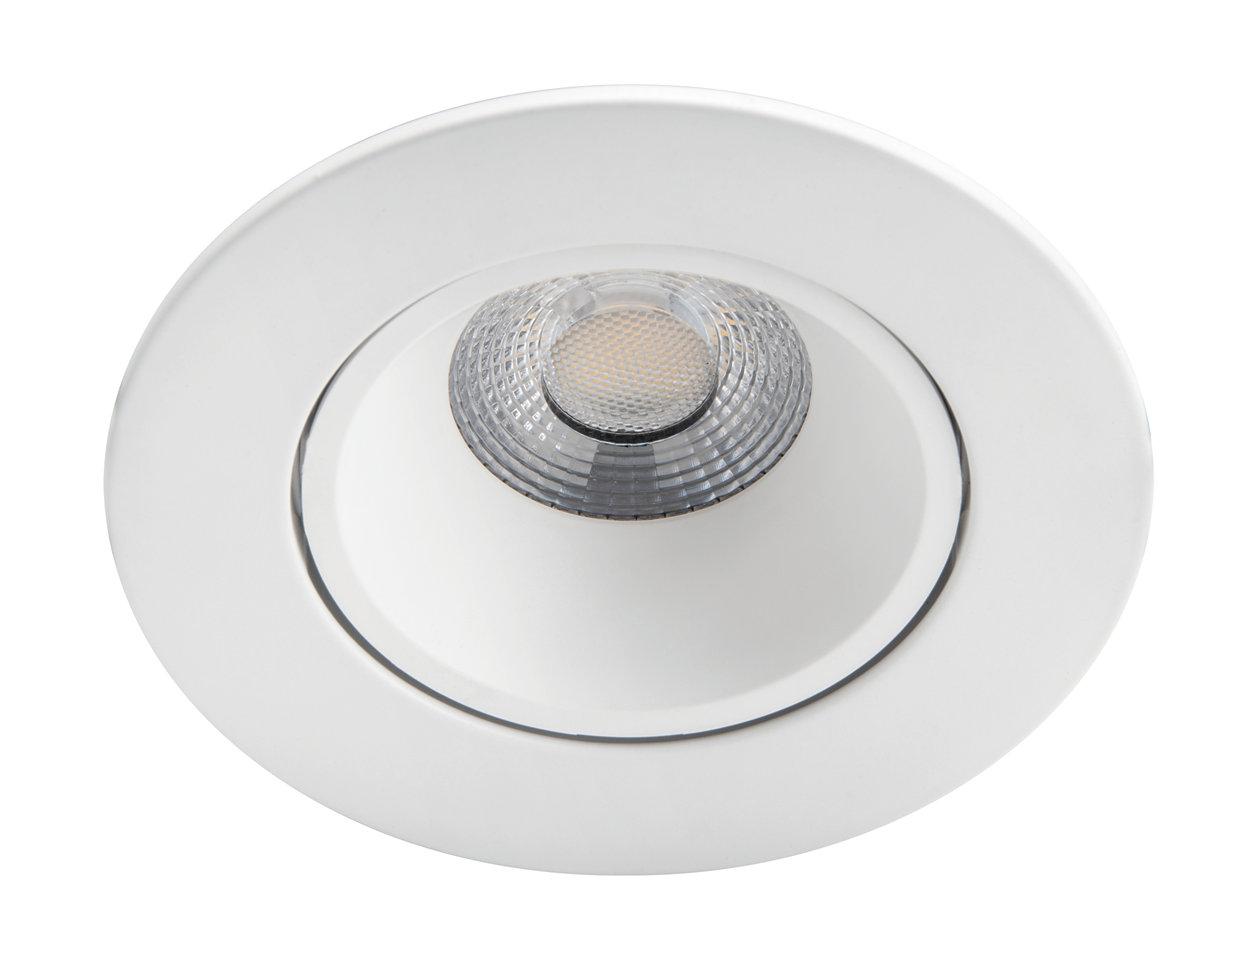 Skapa den perfekta atmosfären med dimbart ljus av hög kvalitet.